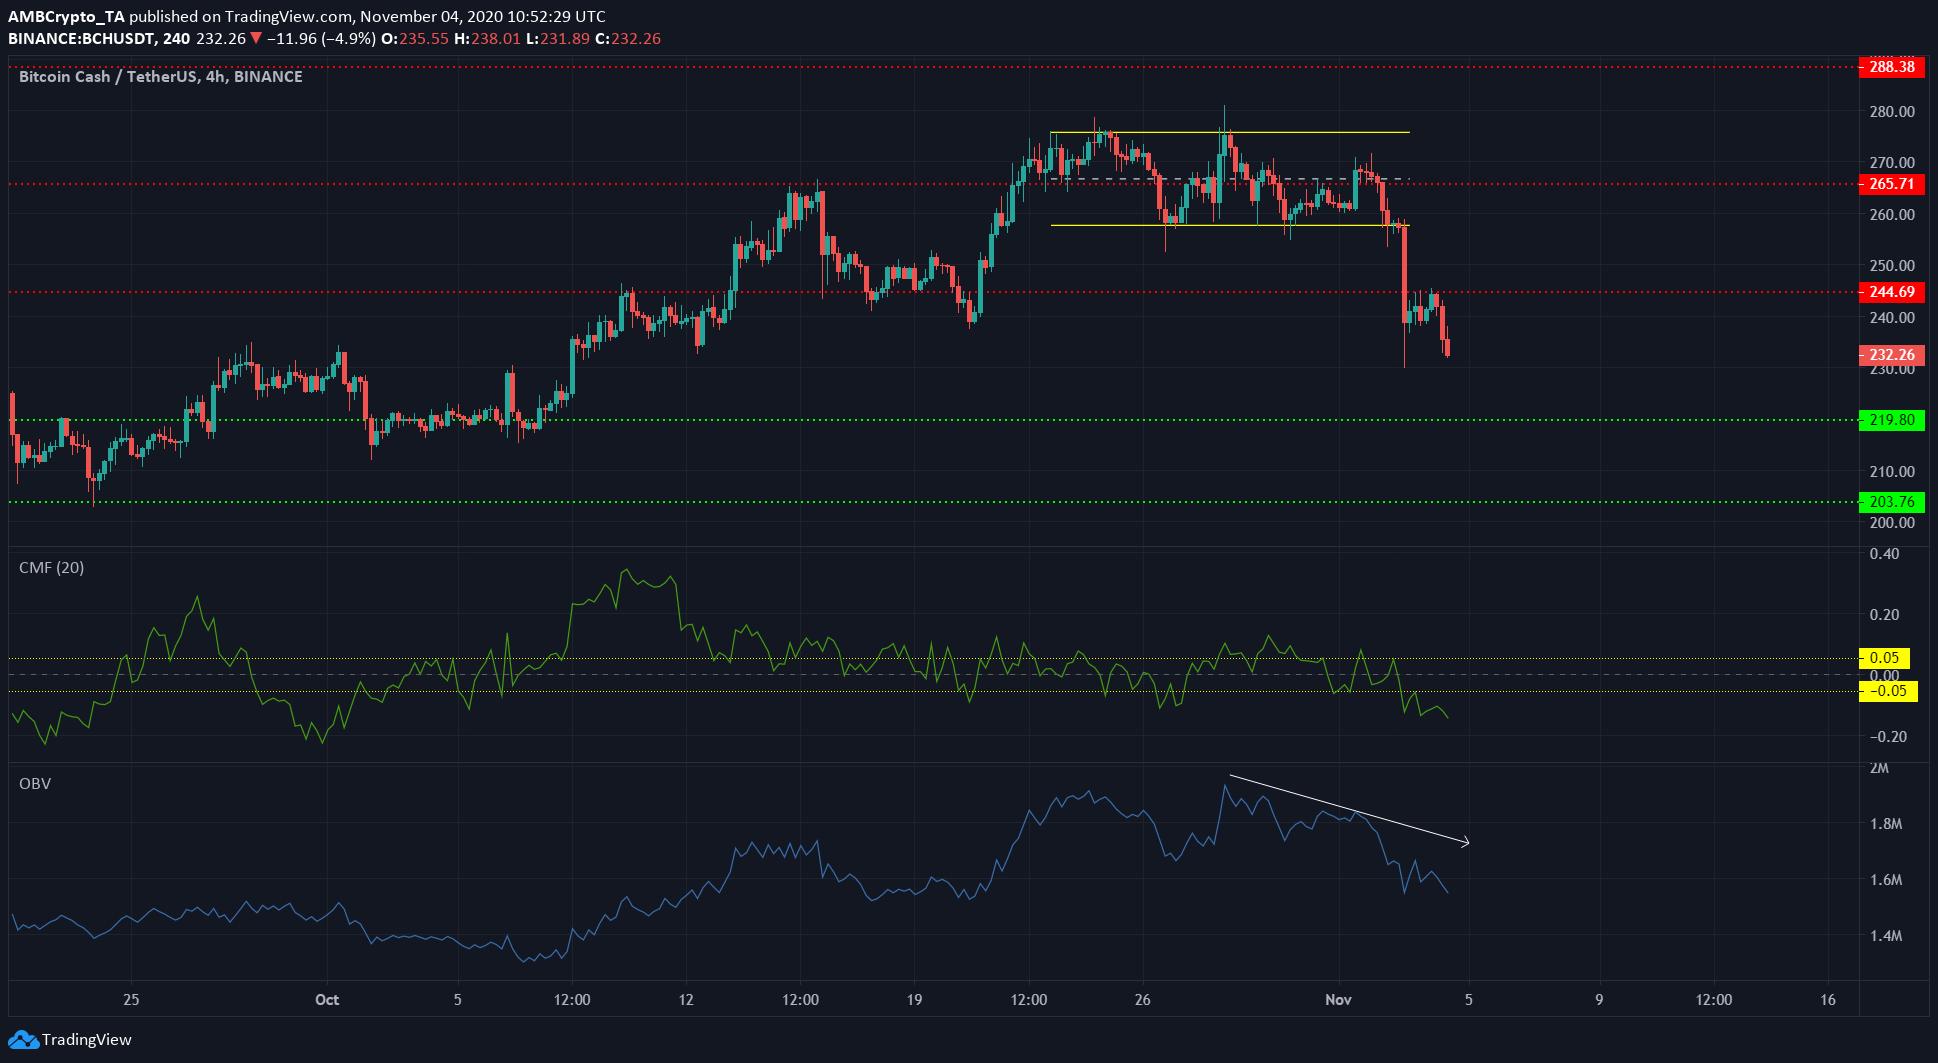 Bitcoin Cash, IOTA, Dogecoin Price Analysis: 04 November